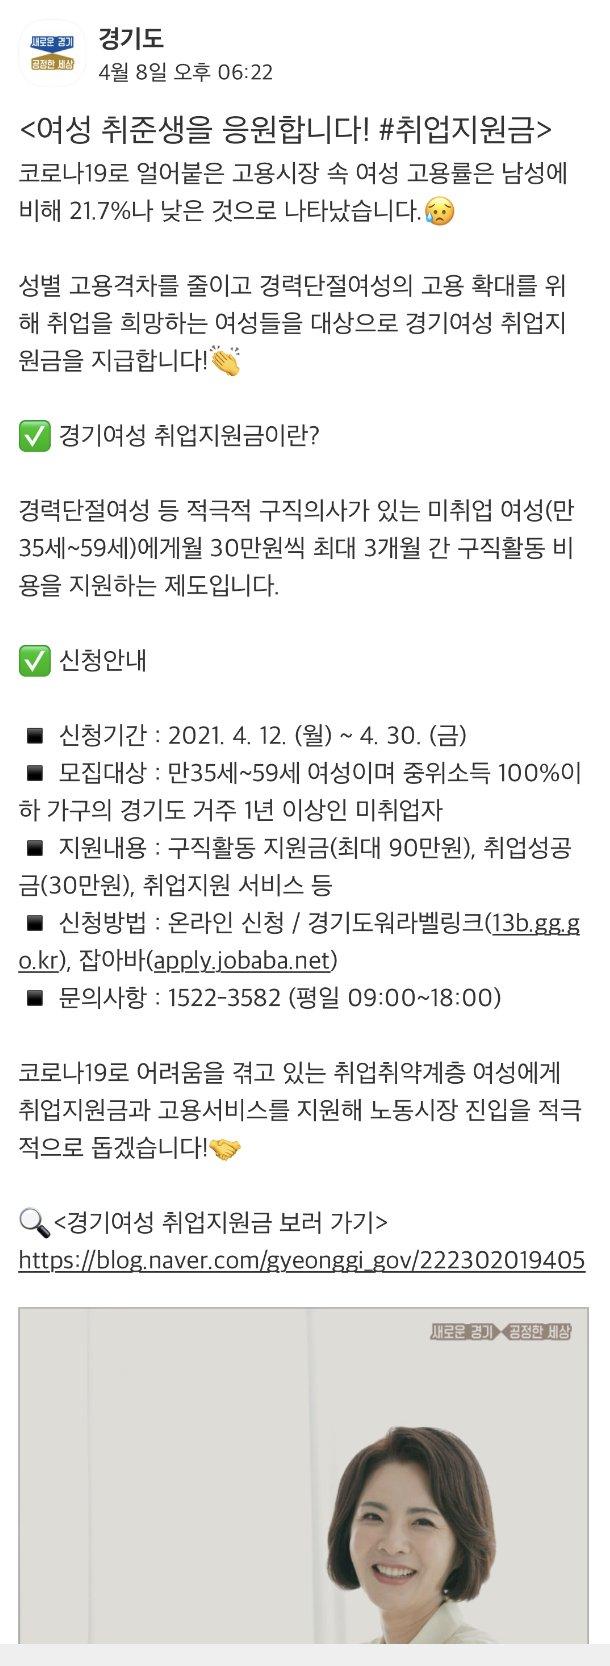 viewimage.php?id=3eb4de21e9d73ab360b8dab04785736f&no=24b0d769e1d32ca73dec81fa11d028314d3faebecfec25ed6aa779bc795cf3099dd7b68e7772c0cdd78069437d5df2fddf6449d63e02b37a57d9cc0b85de6f00f4a5971f80de9fdc2620f1e34d76d844412f02dfcc328001038105deb02481a0f591964252258de2dd369e962d9dcfc9df